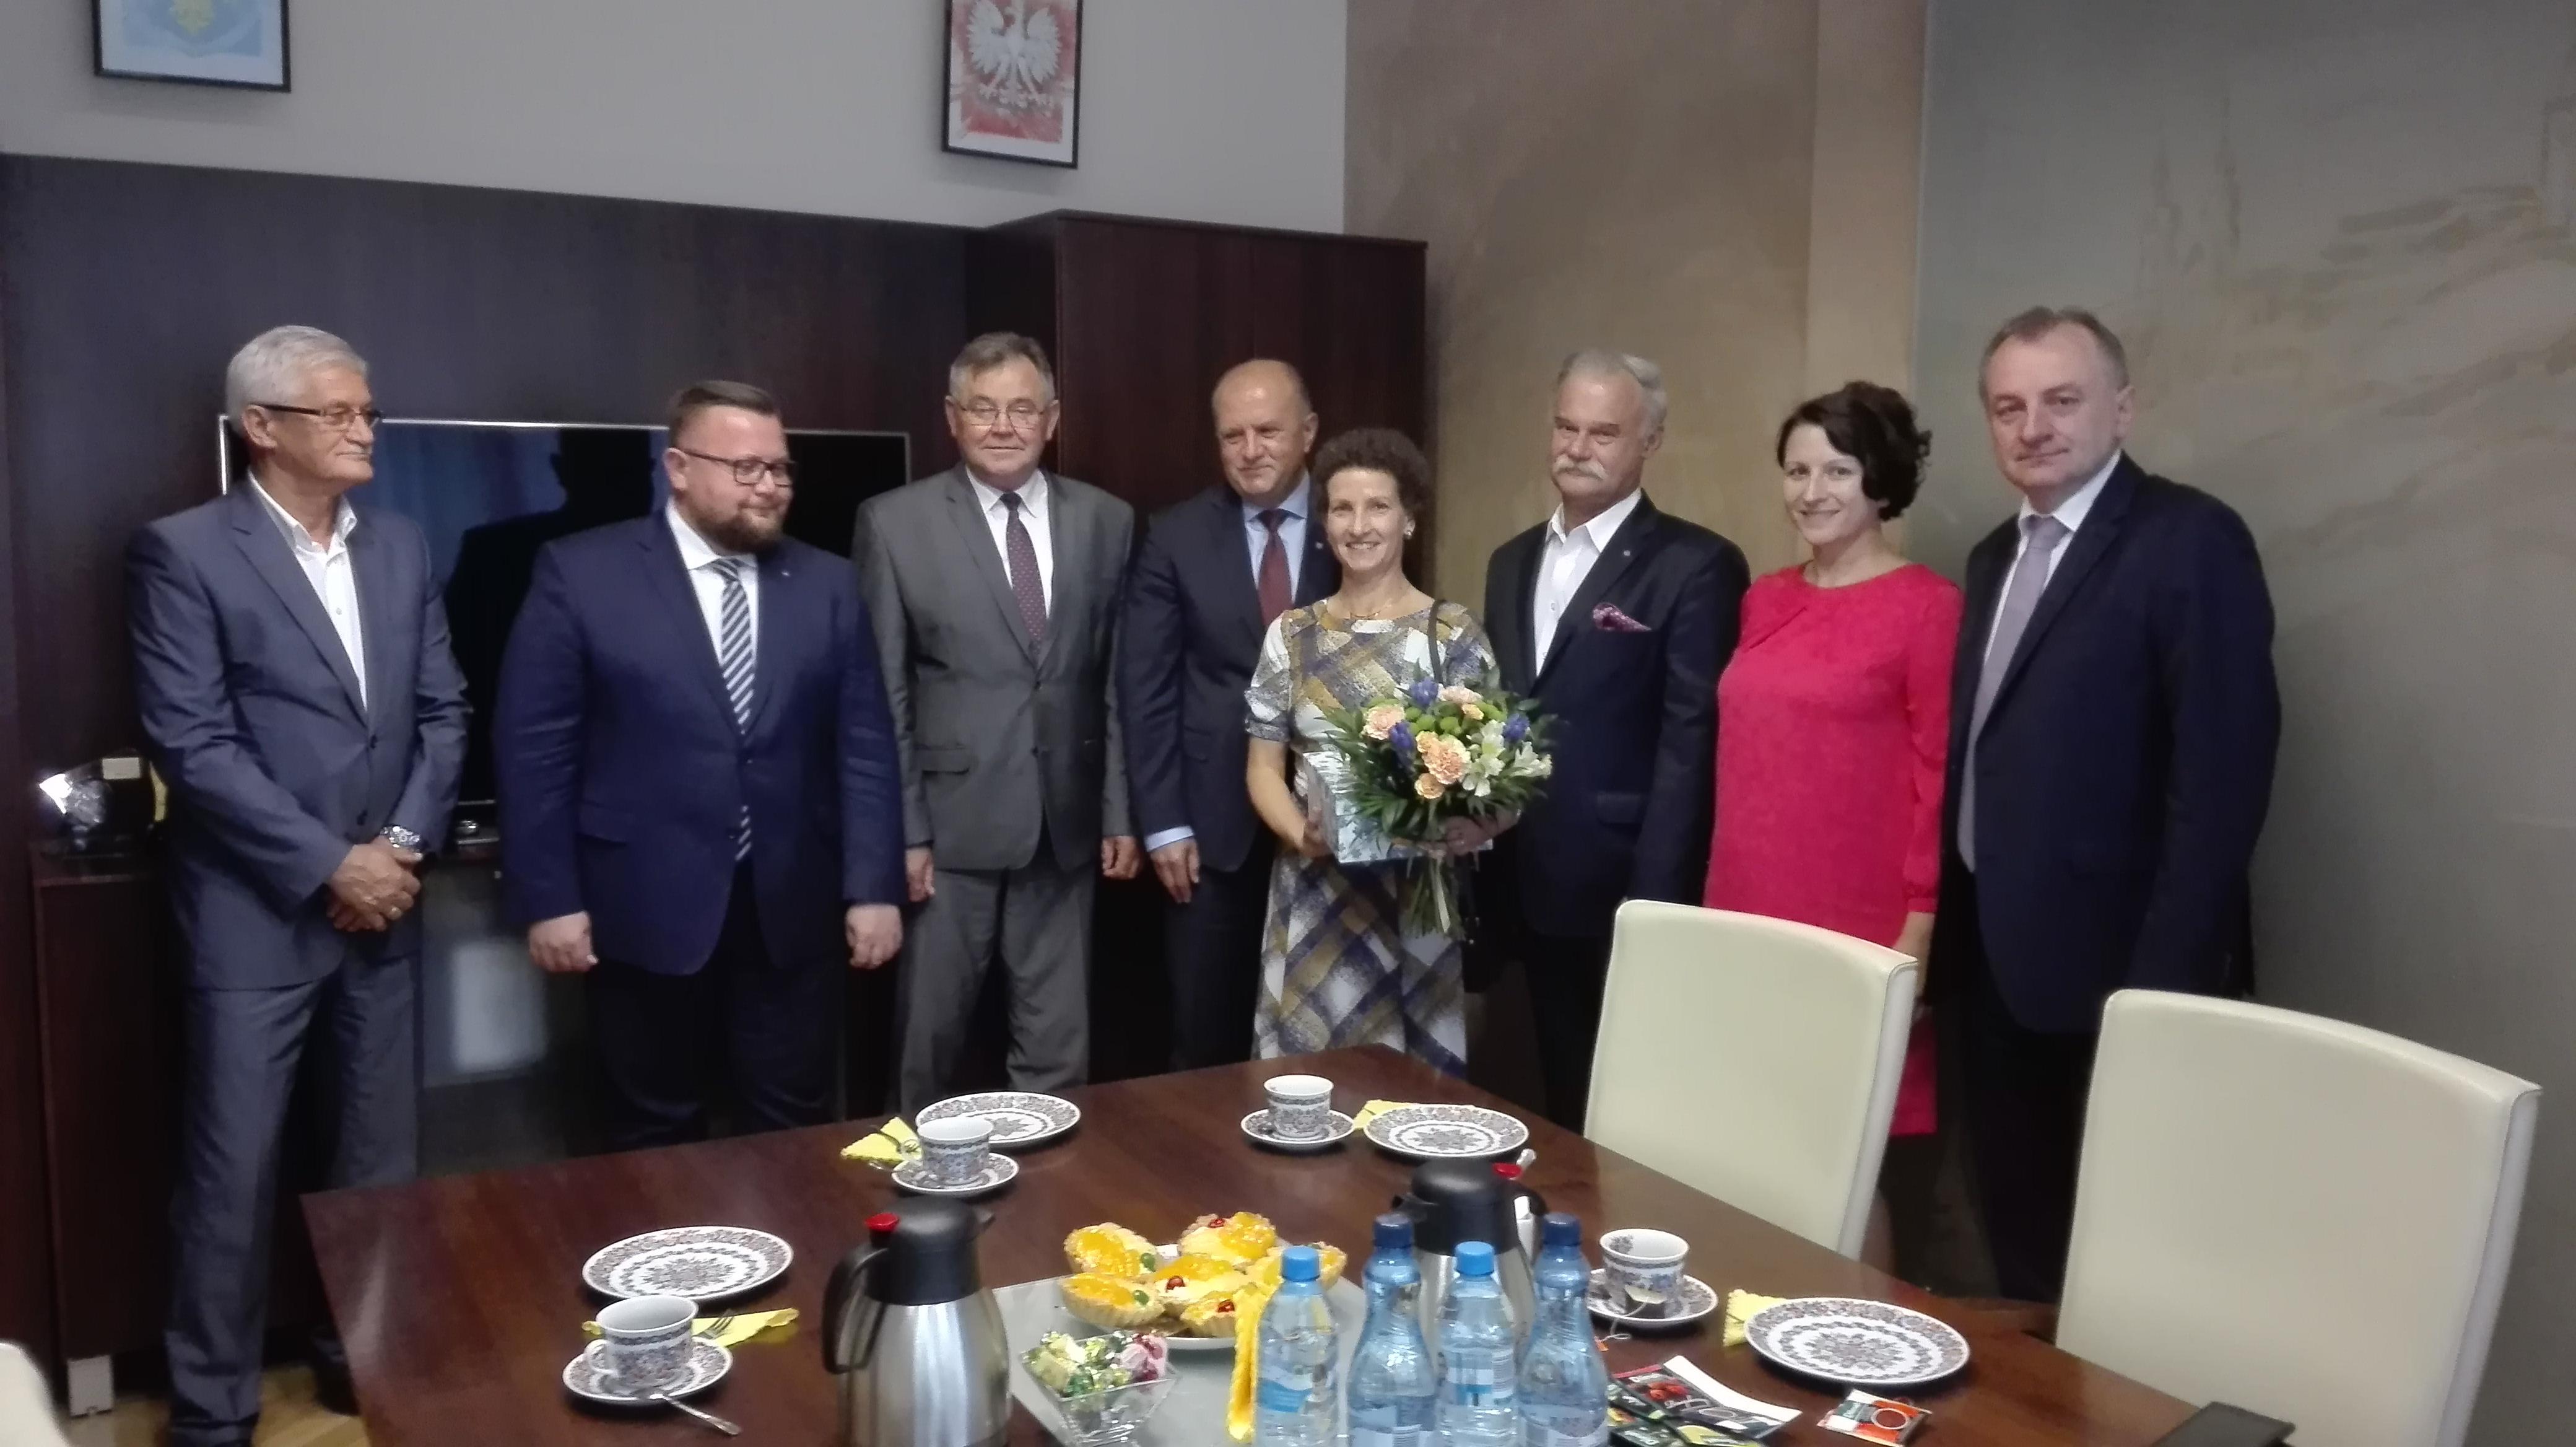 Zmiana konsula RFN: Sabine Haake kończy misję dyplomatyczną w Opolu